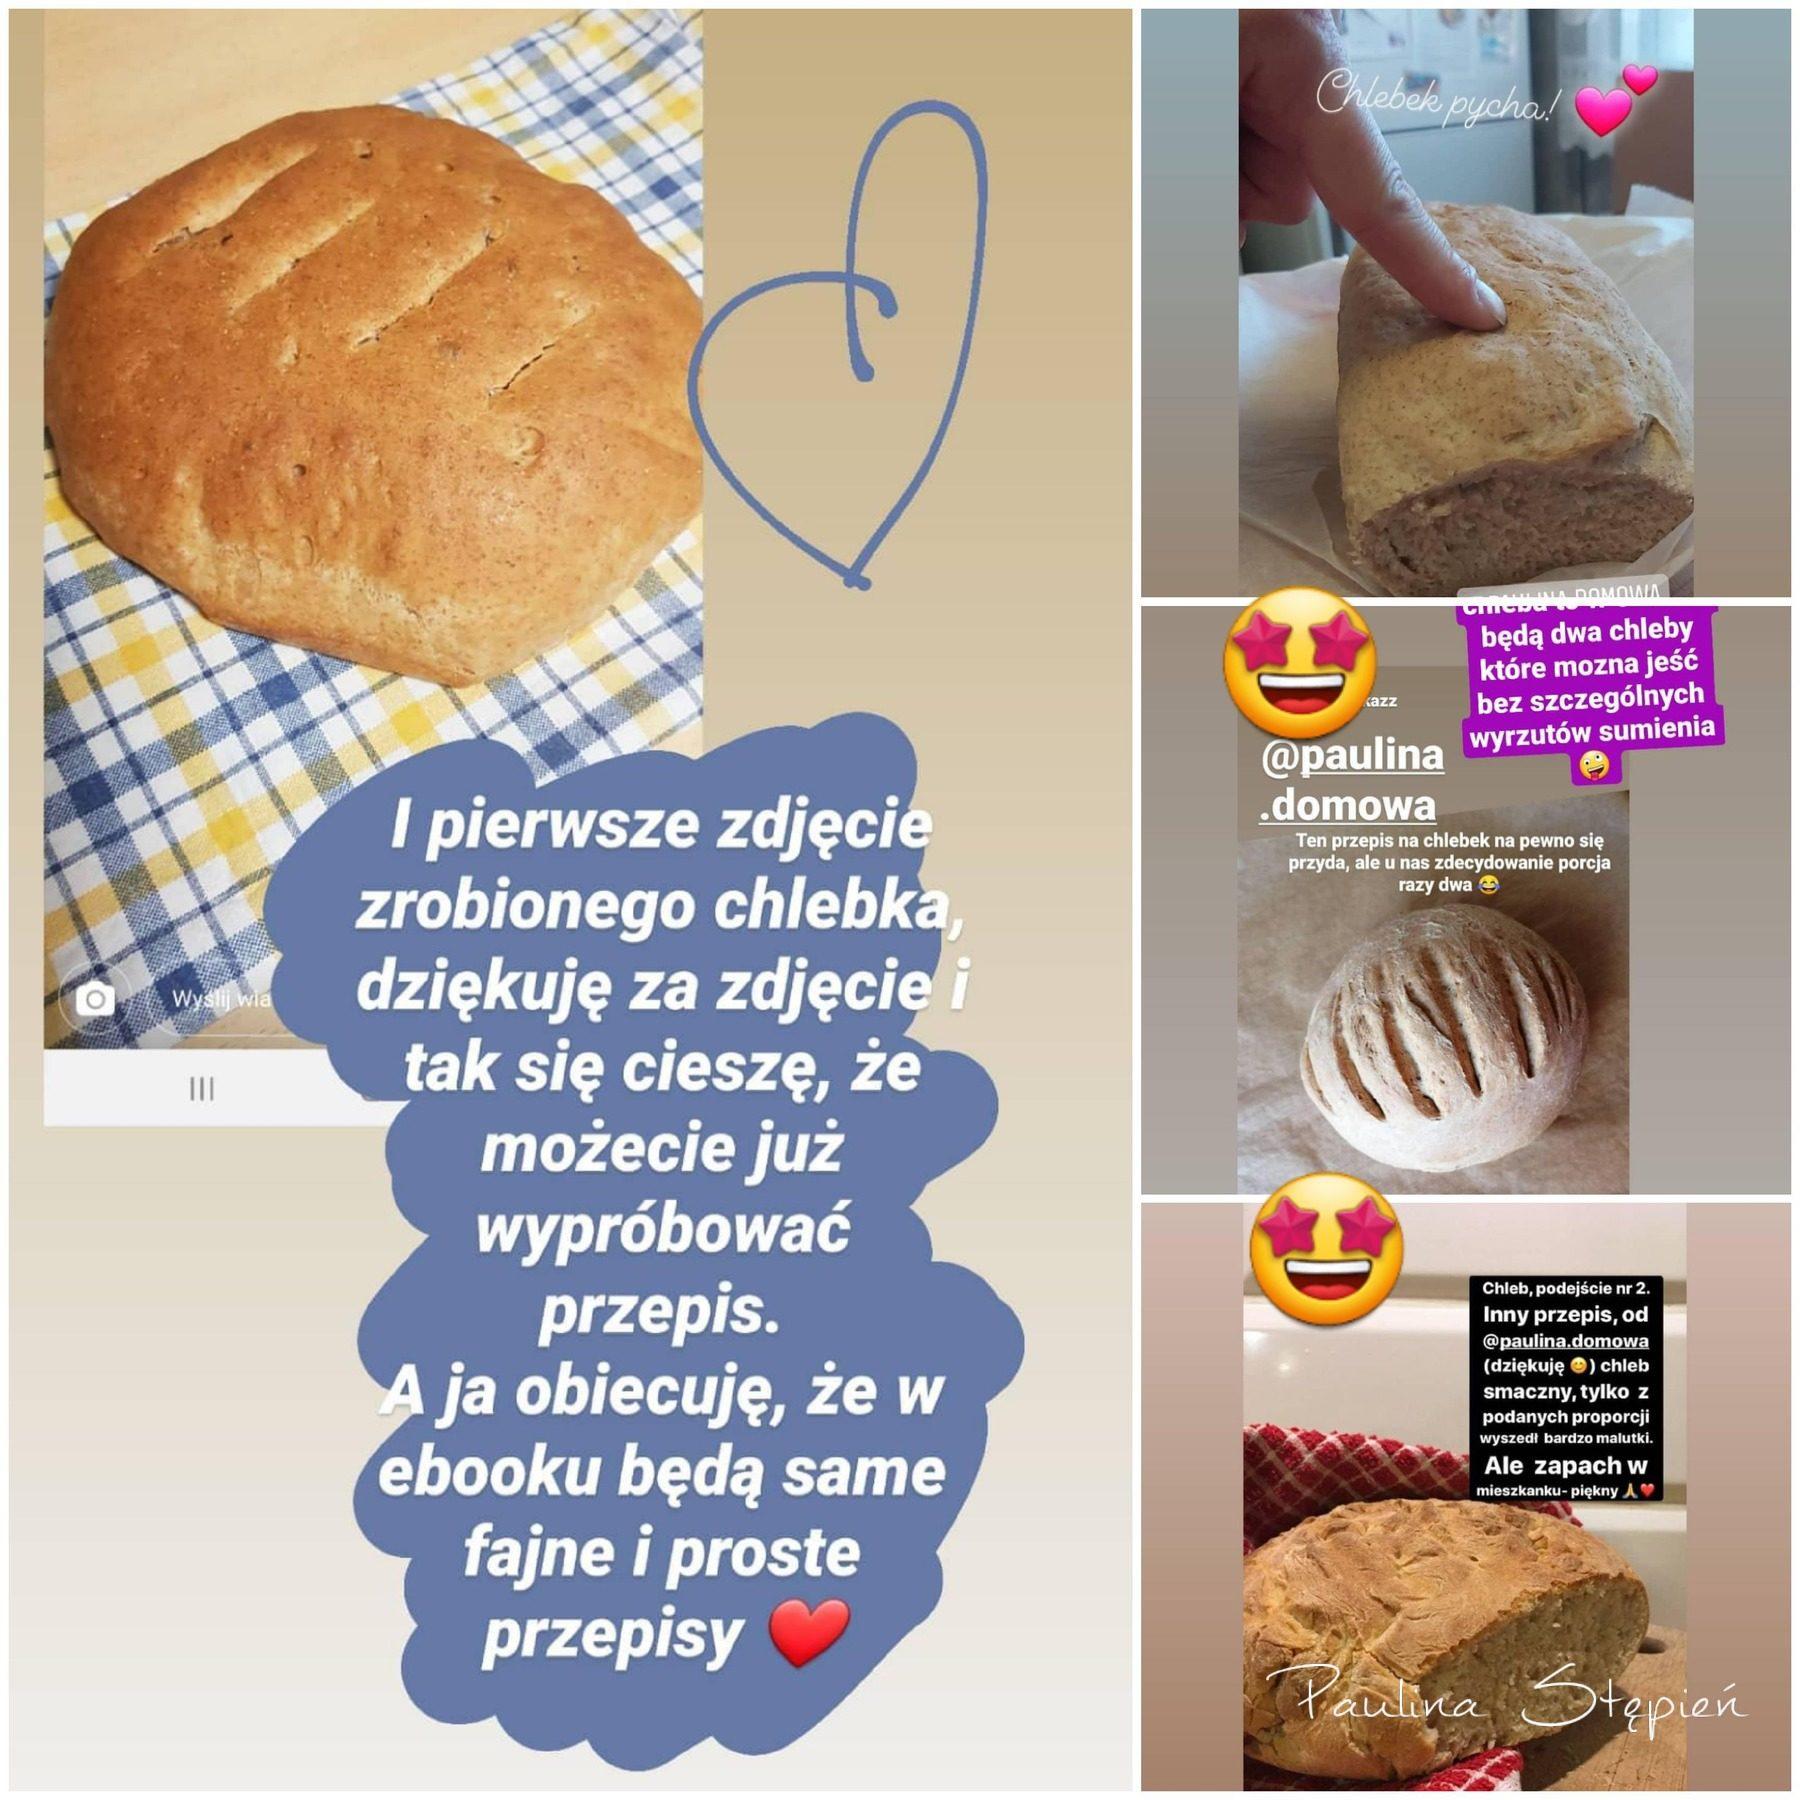 Zdjęcia chlebów nadesłane przez Czytelników